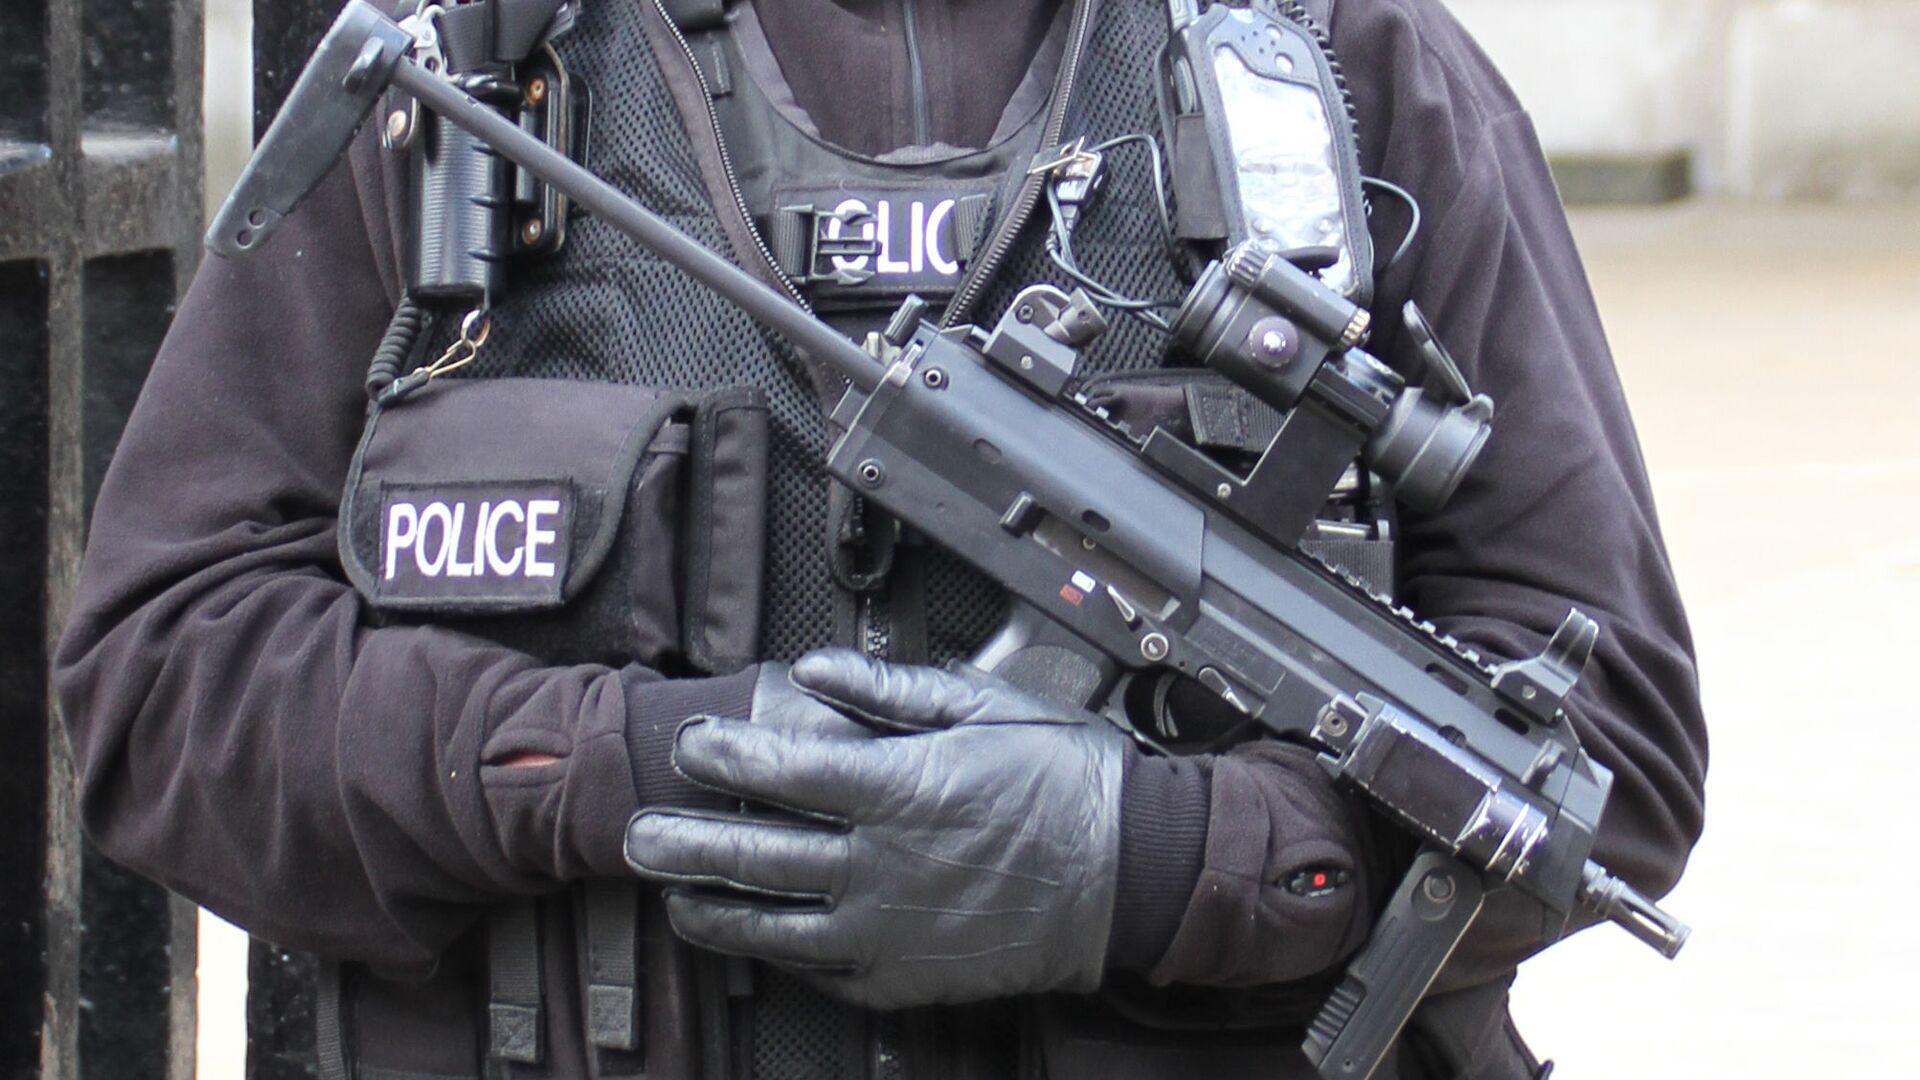 Armed UK police officer - Sputnik International, 1920, 22.09.2021